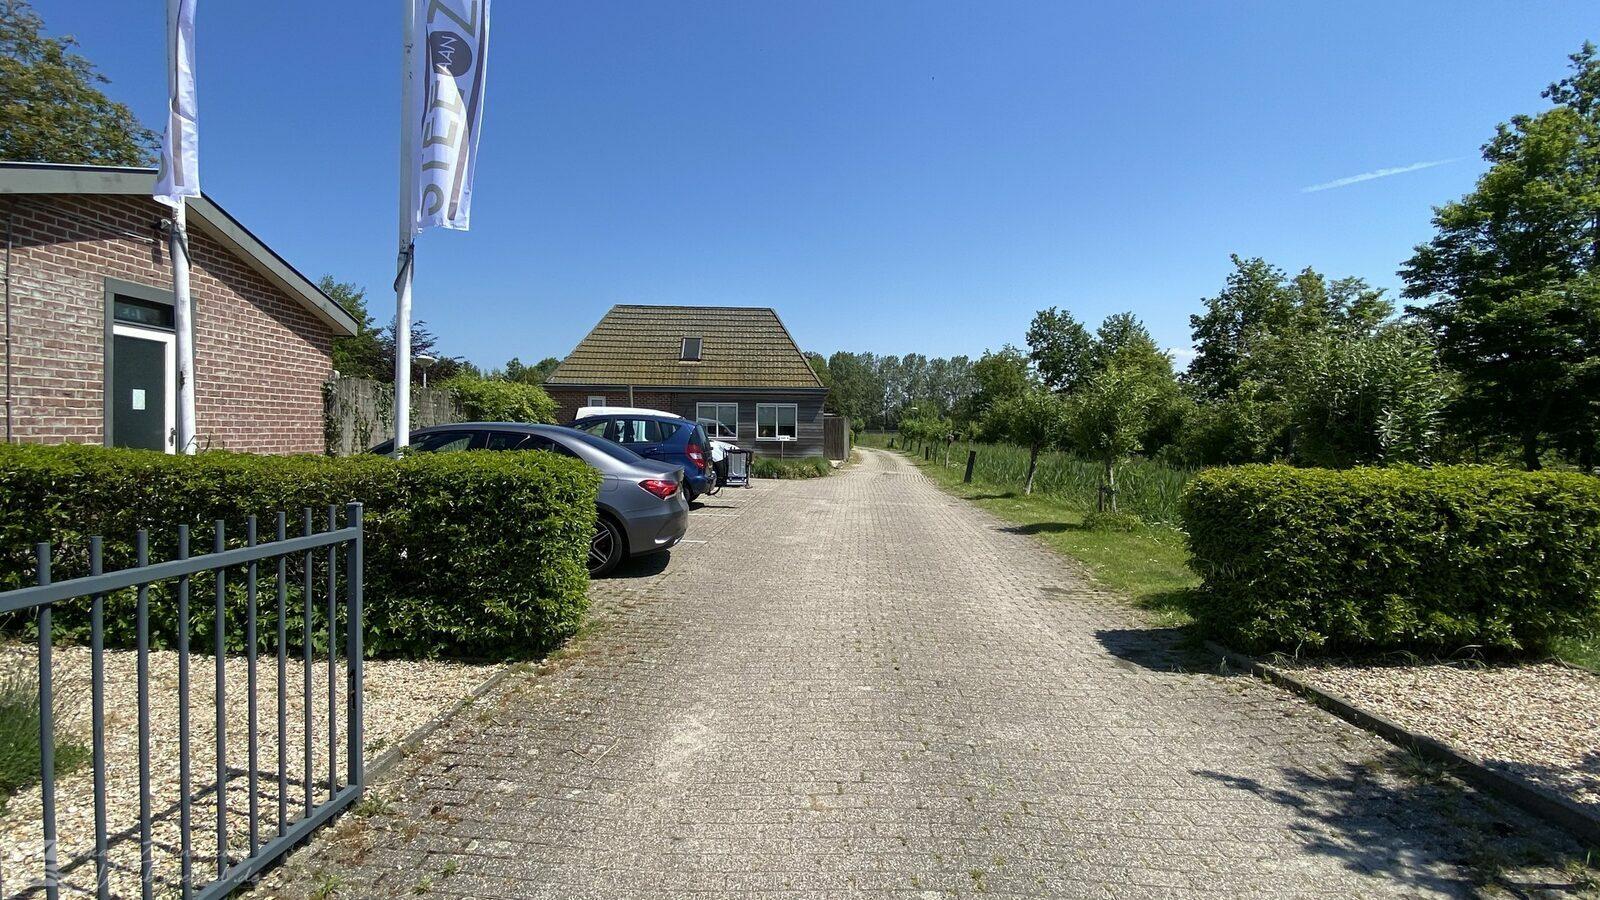 VZ1006 Holiday home in Serooskerke